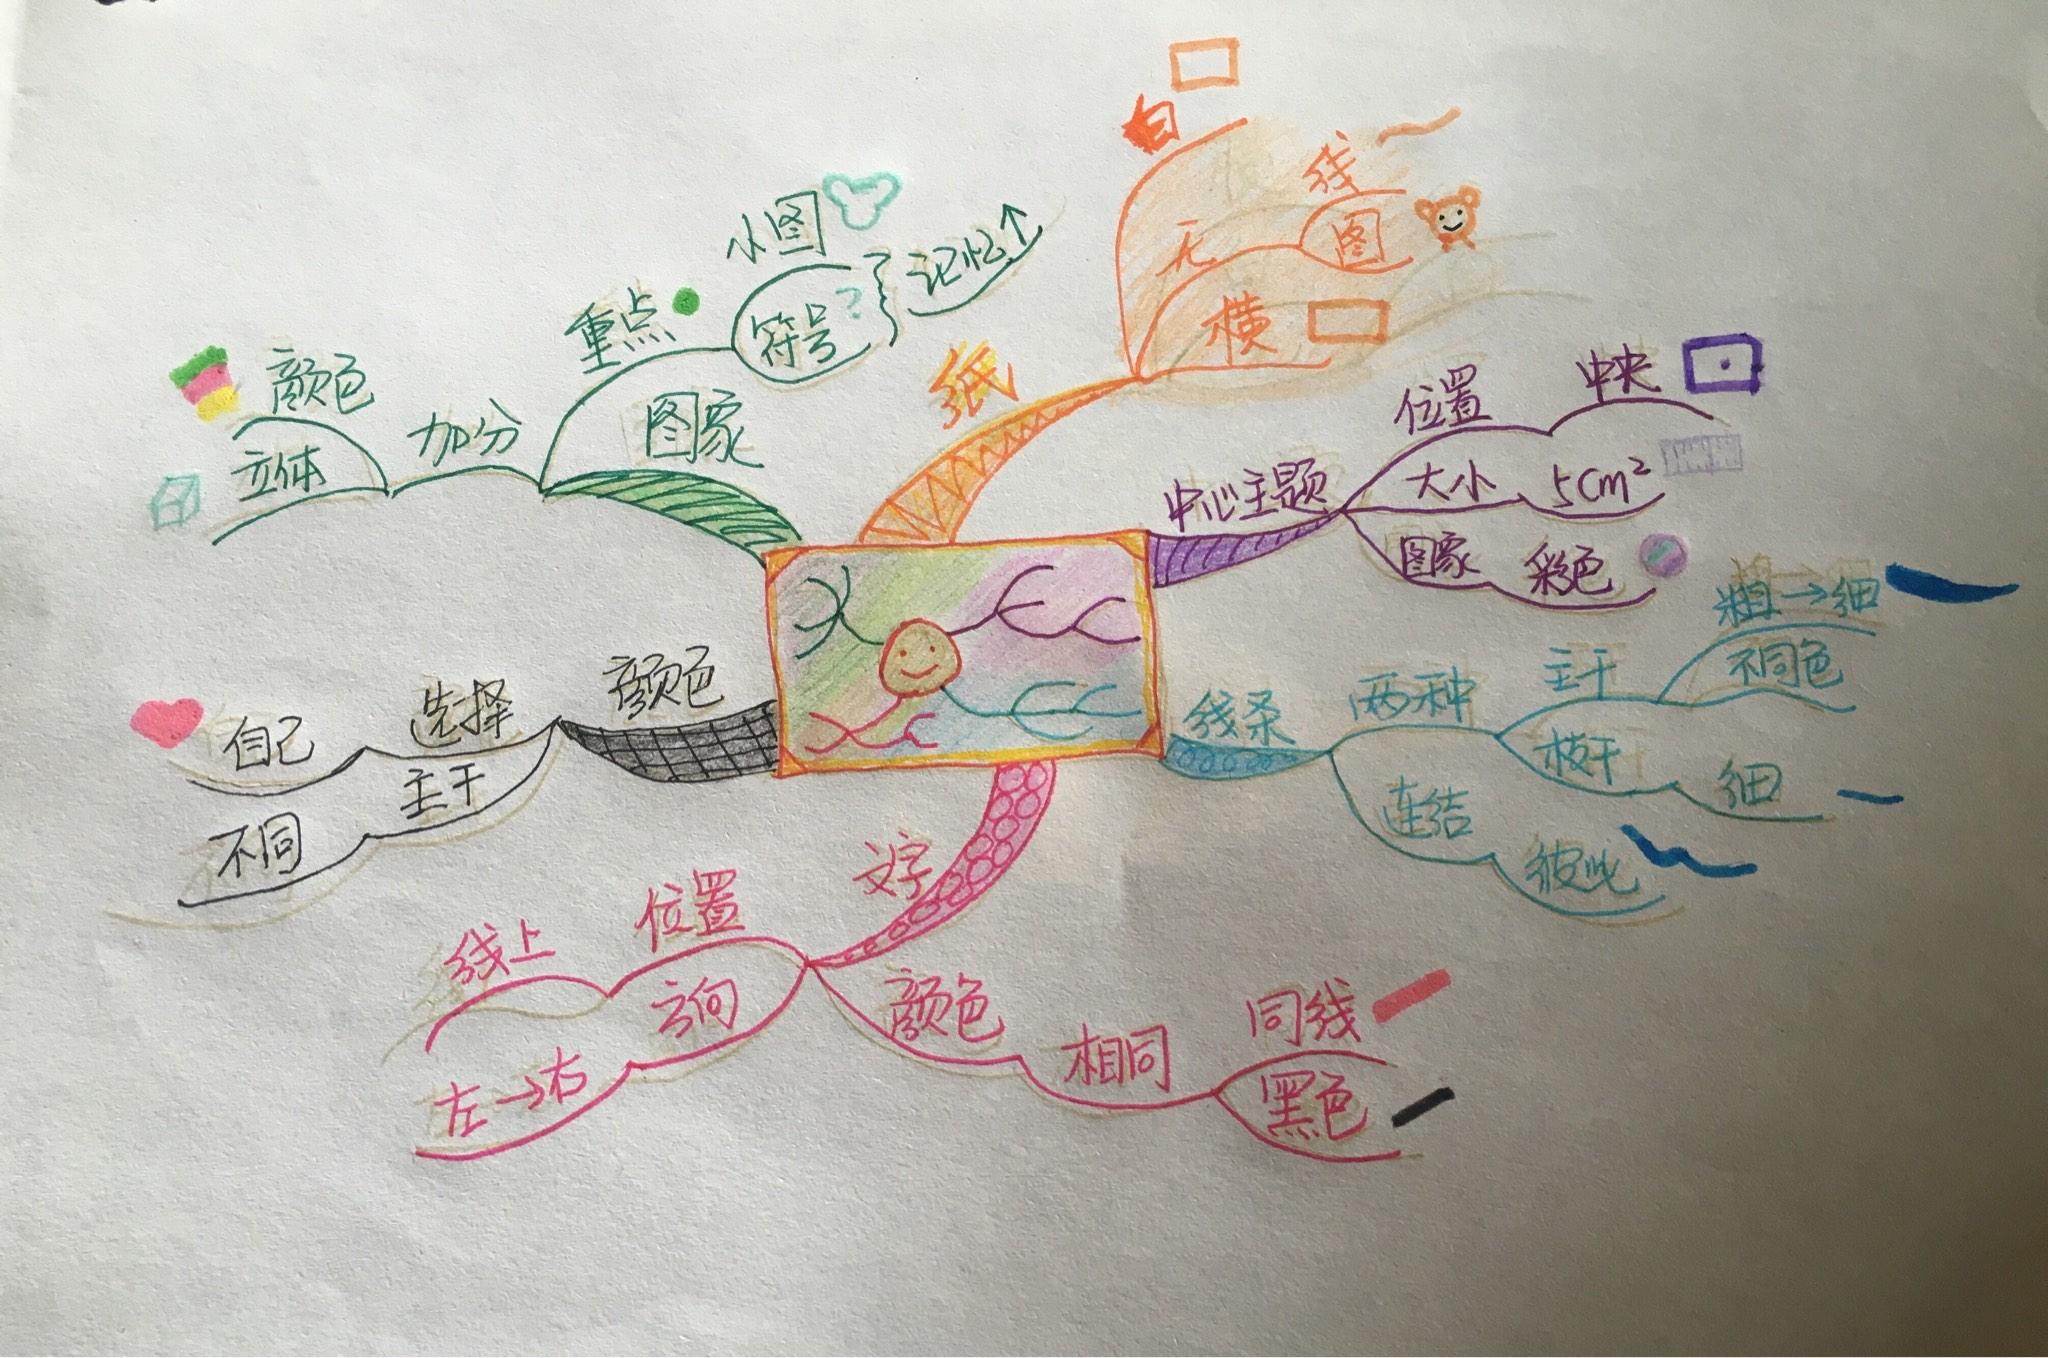 鲁滨逊荒岛求生方法的思维导图